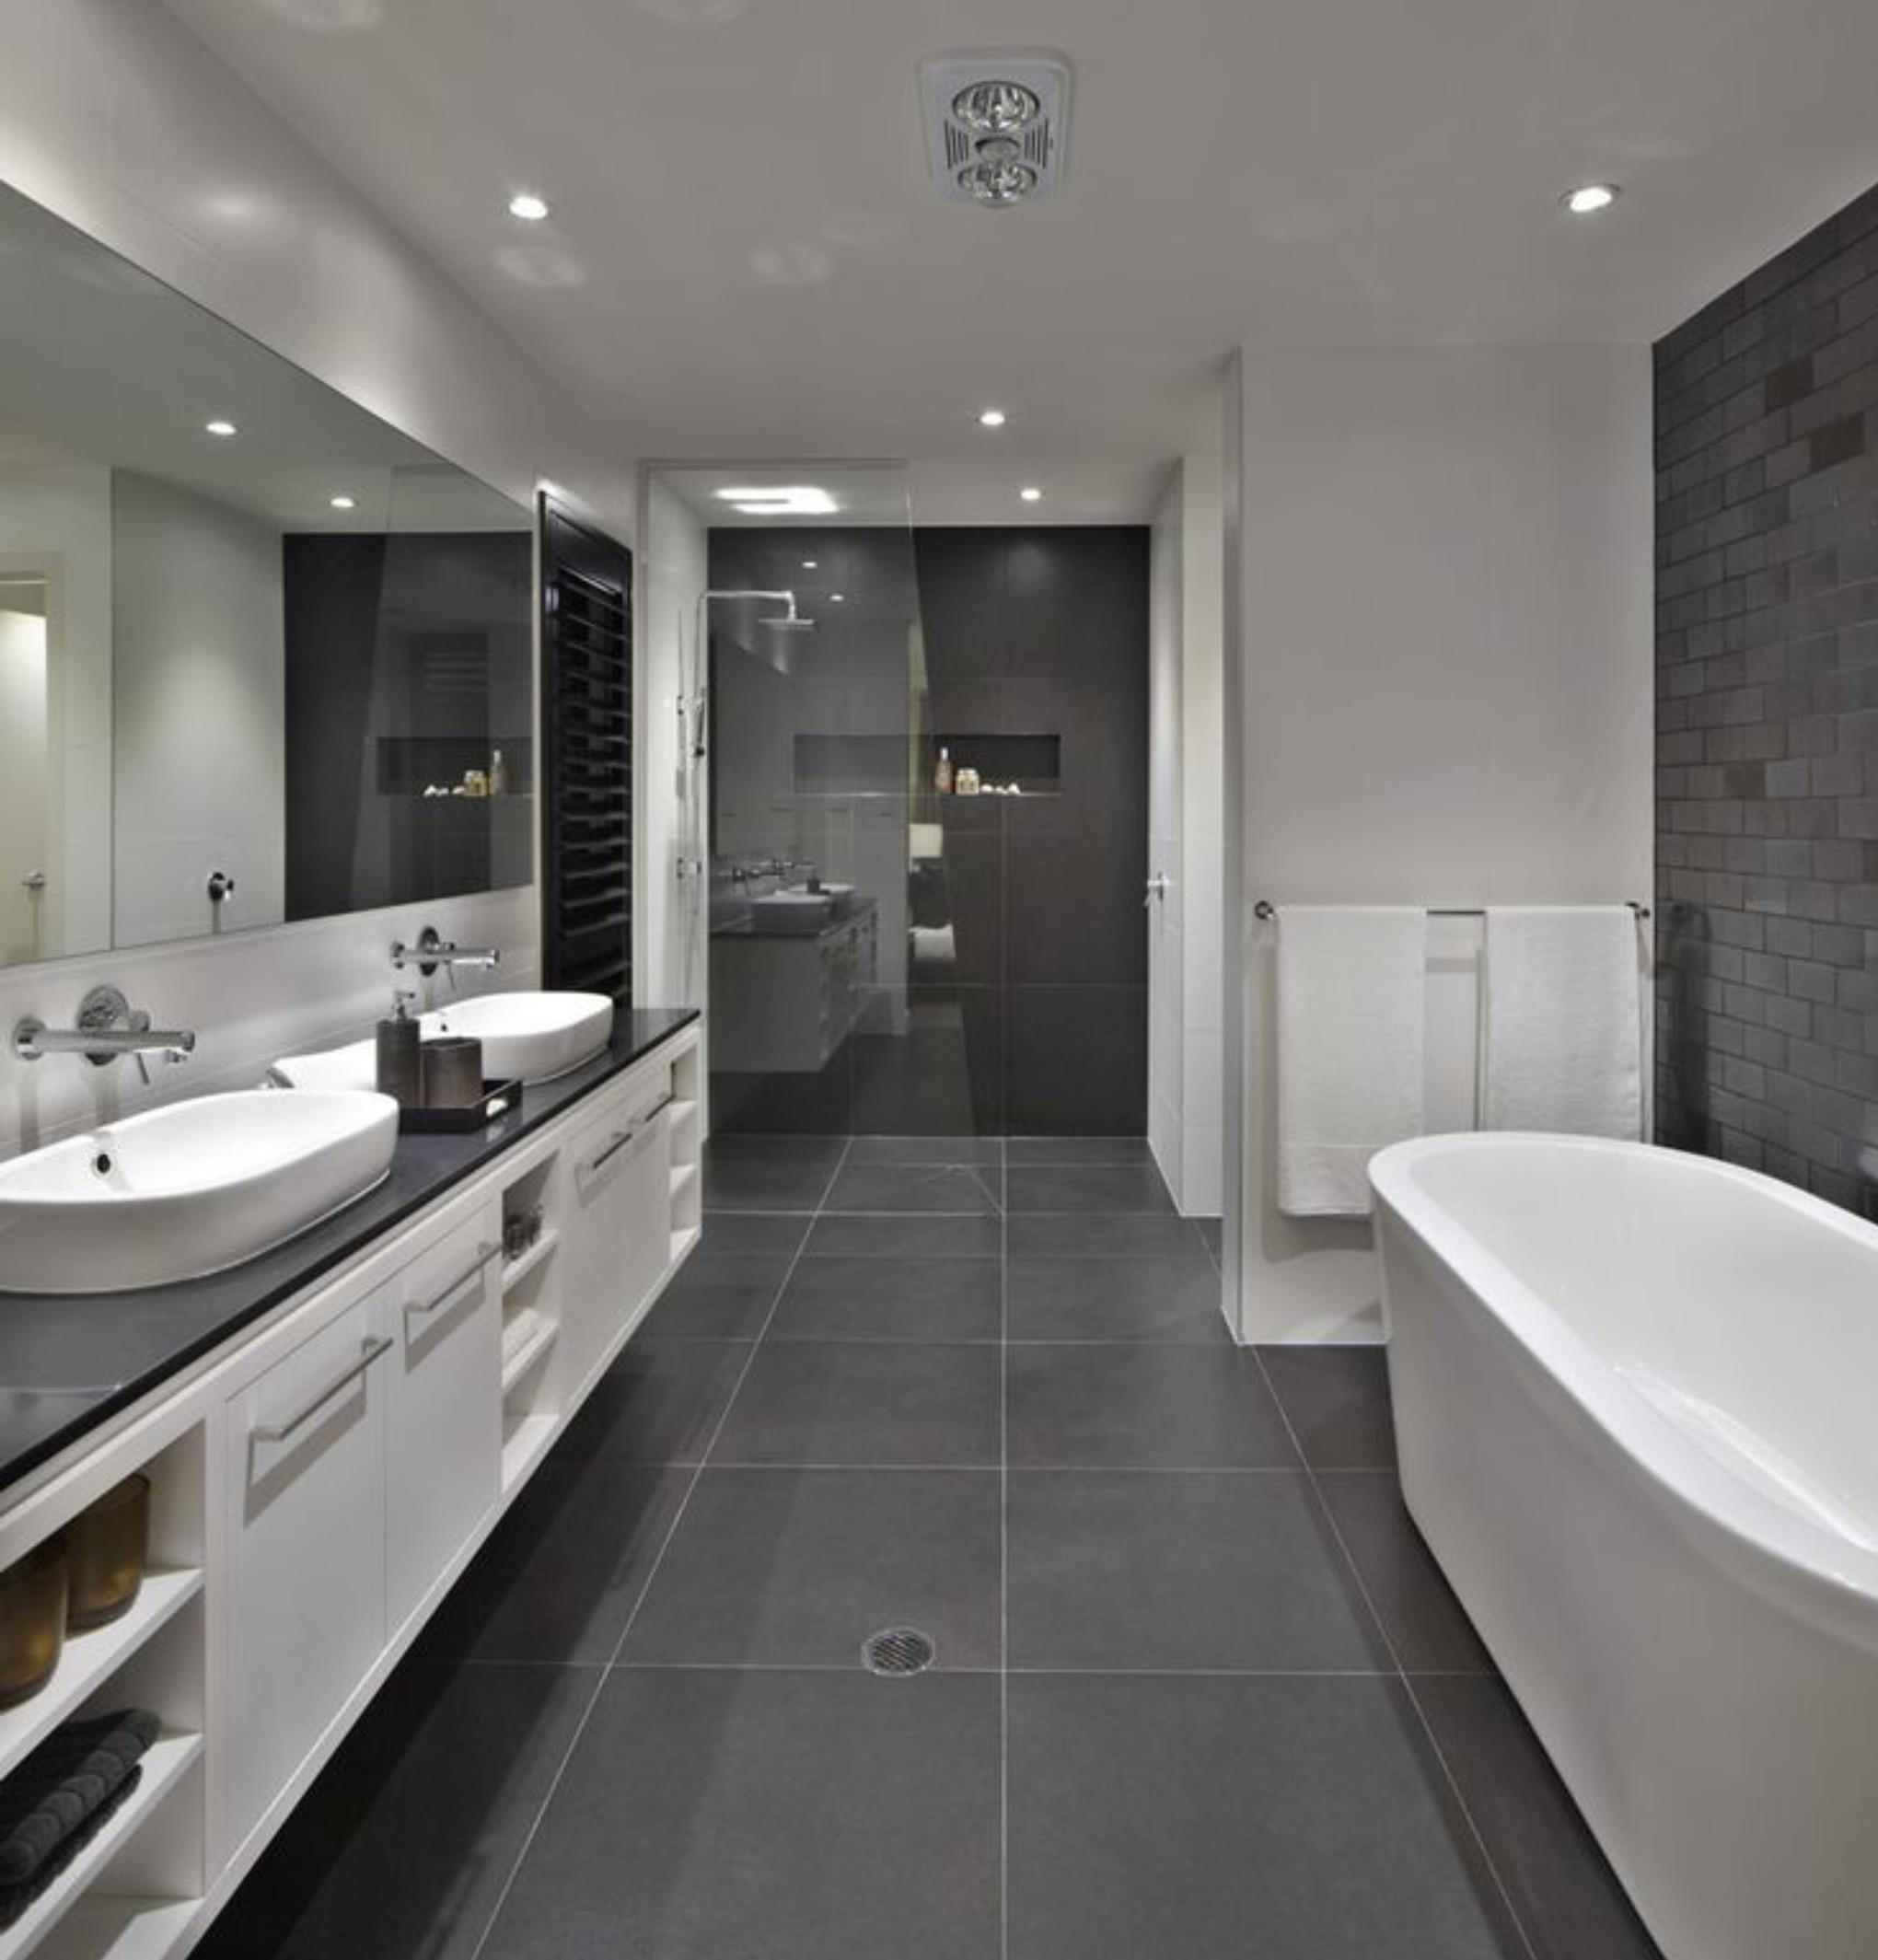 Aranżacja szarej łazienki